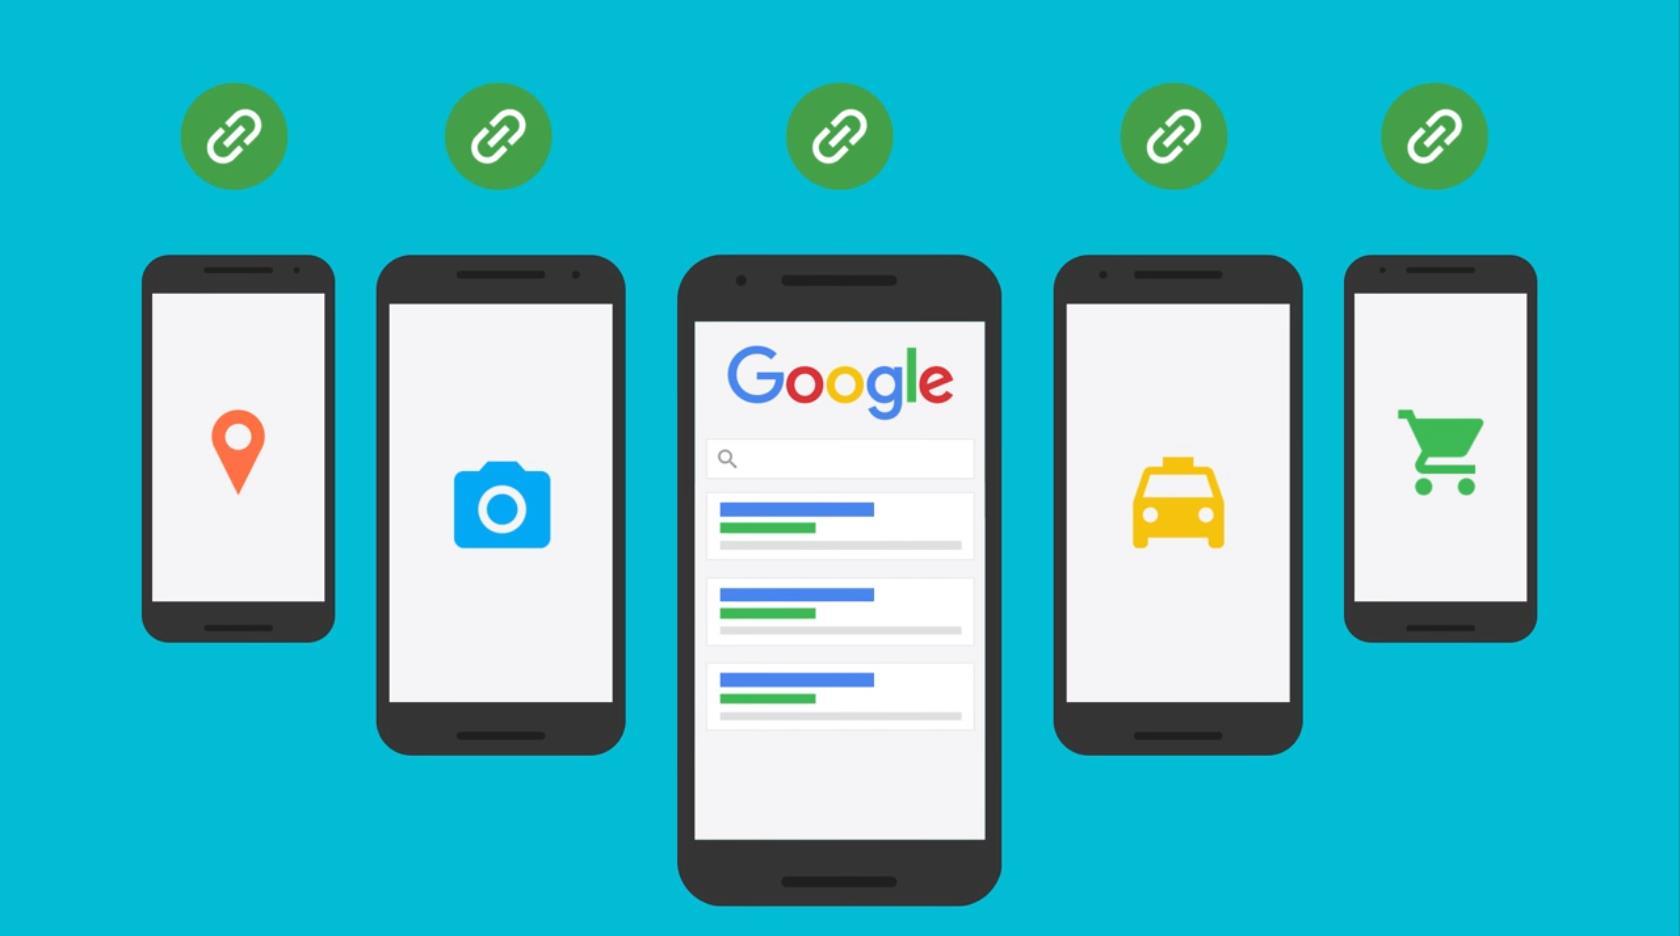 ВGoogle проинформировали озакрытии интернет ресурса goo.gl